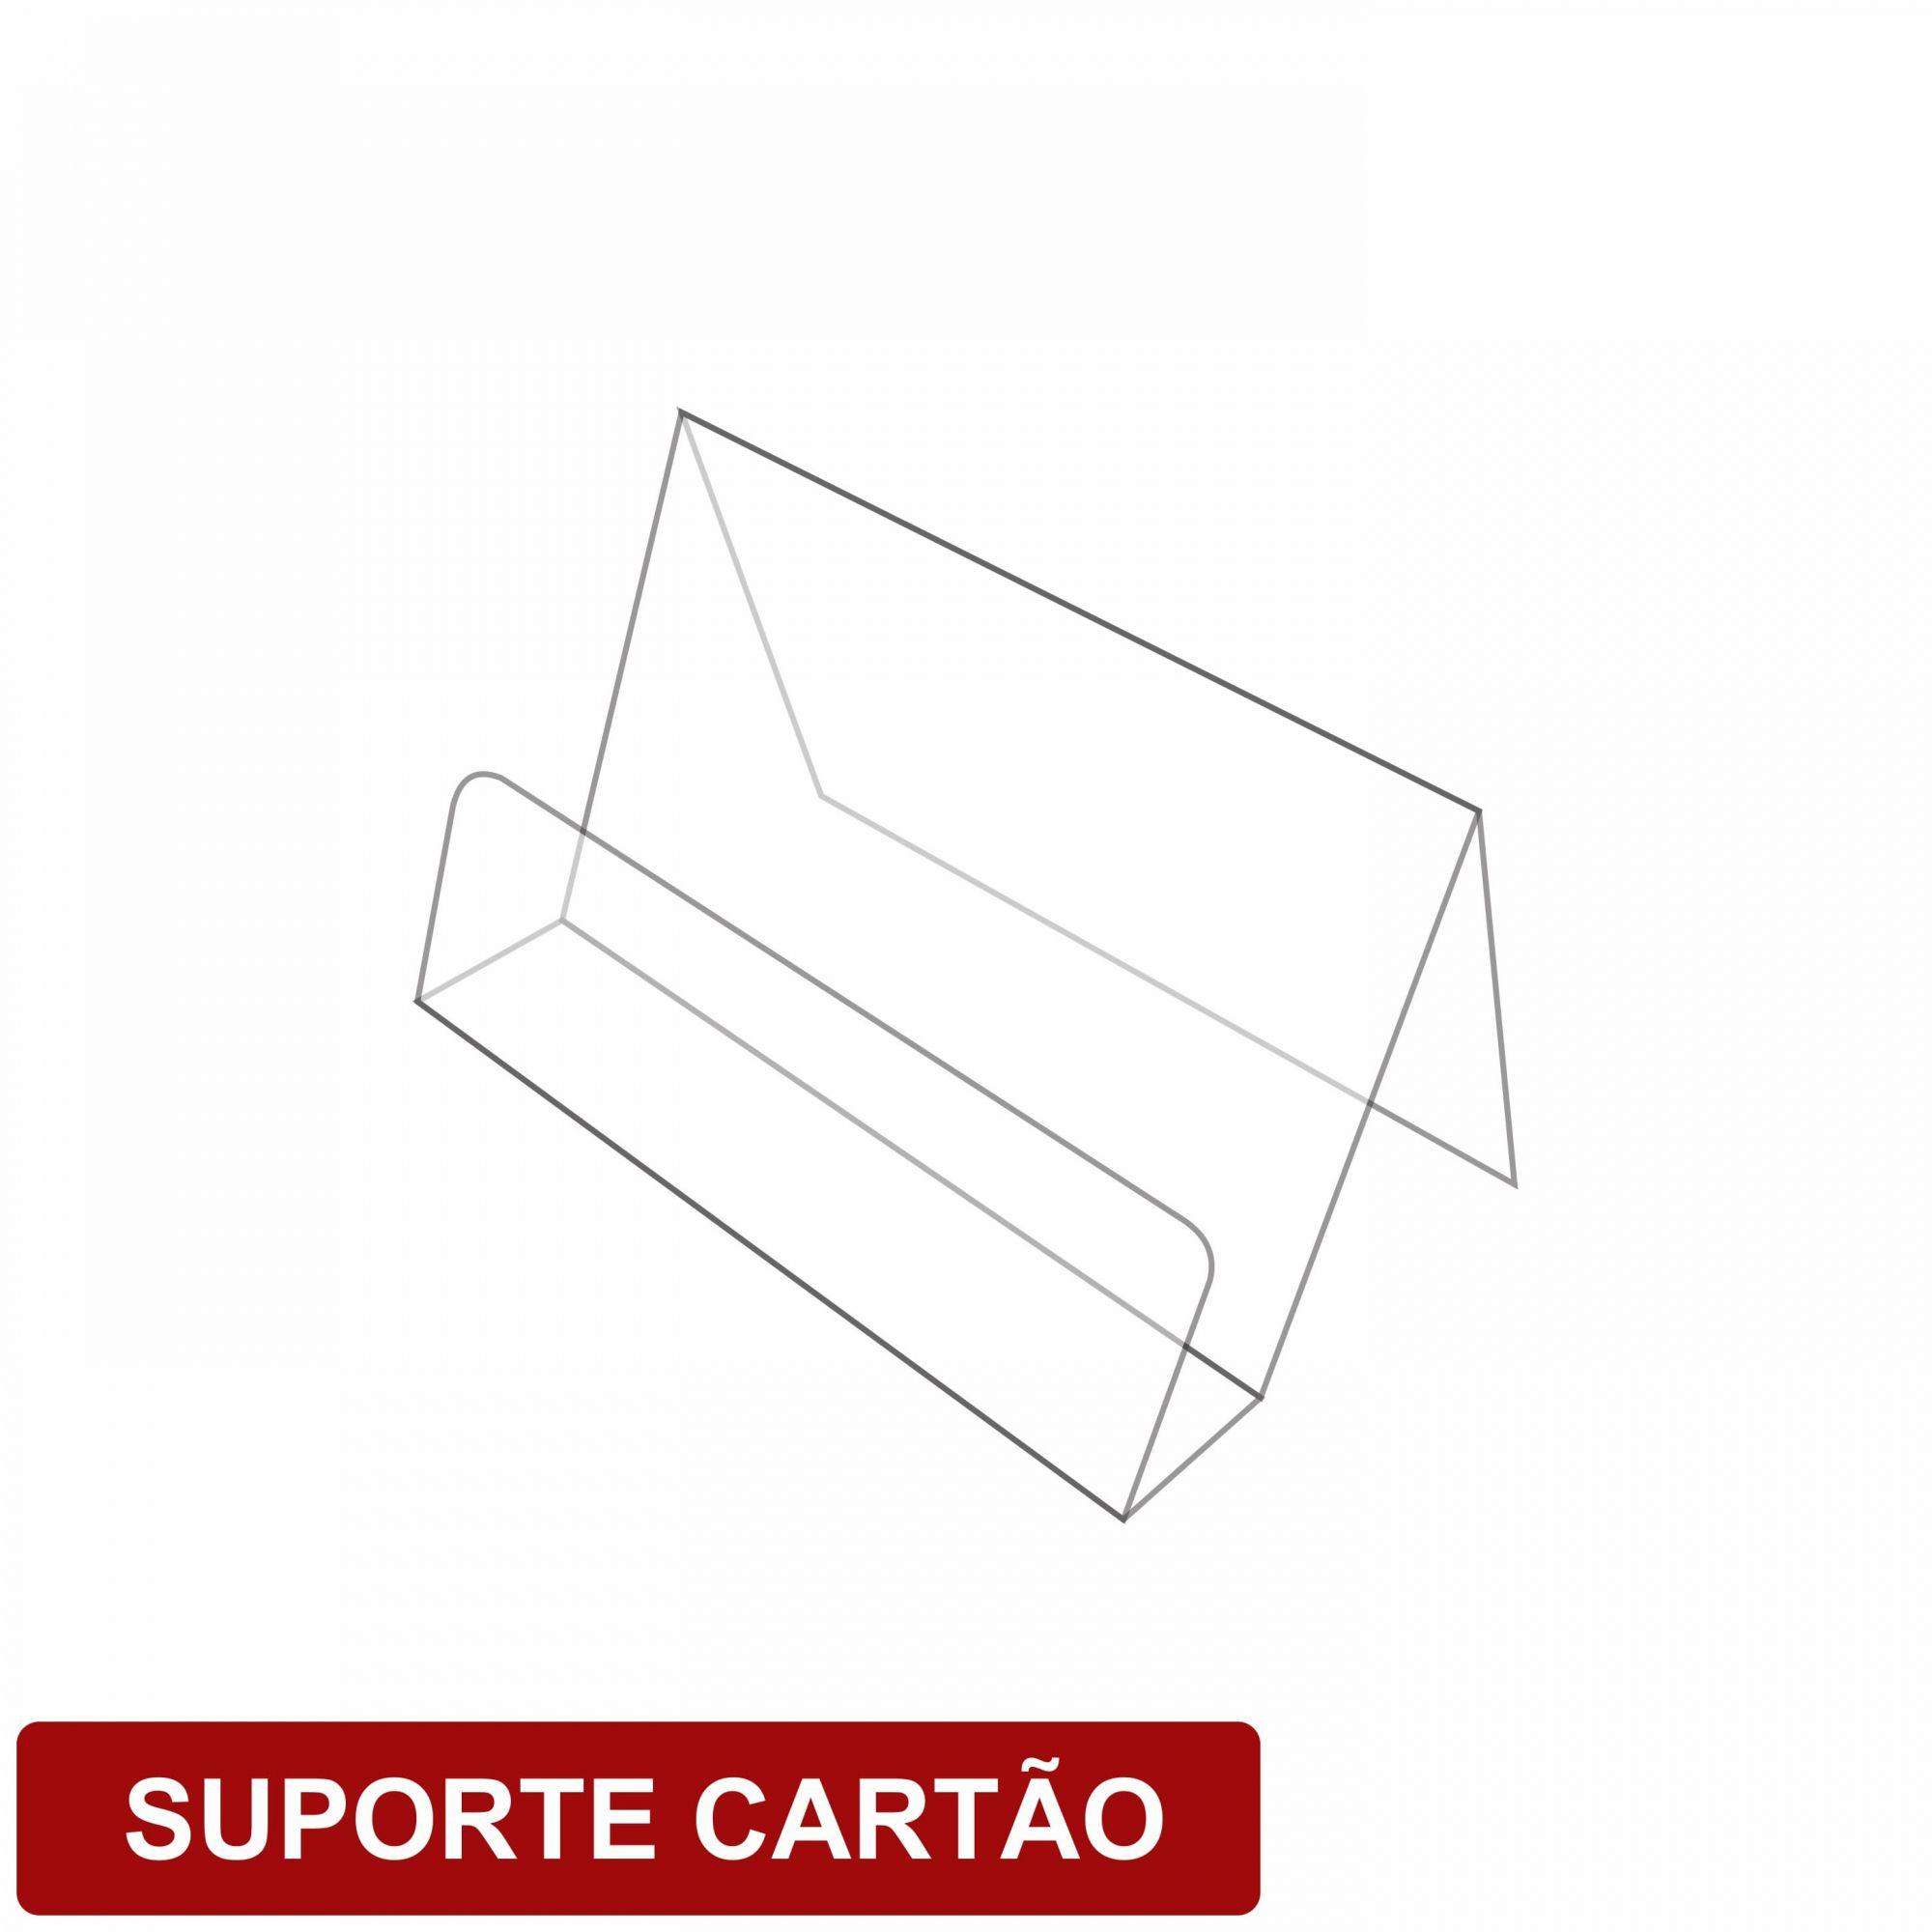 Display suporte para cartão de visitas  - Towbar Sinalização de Segurança